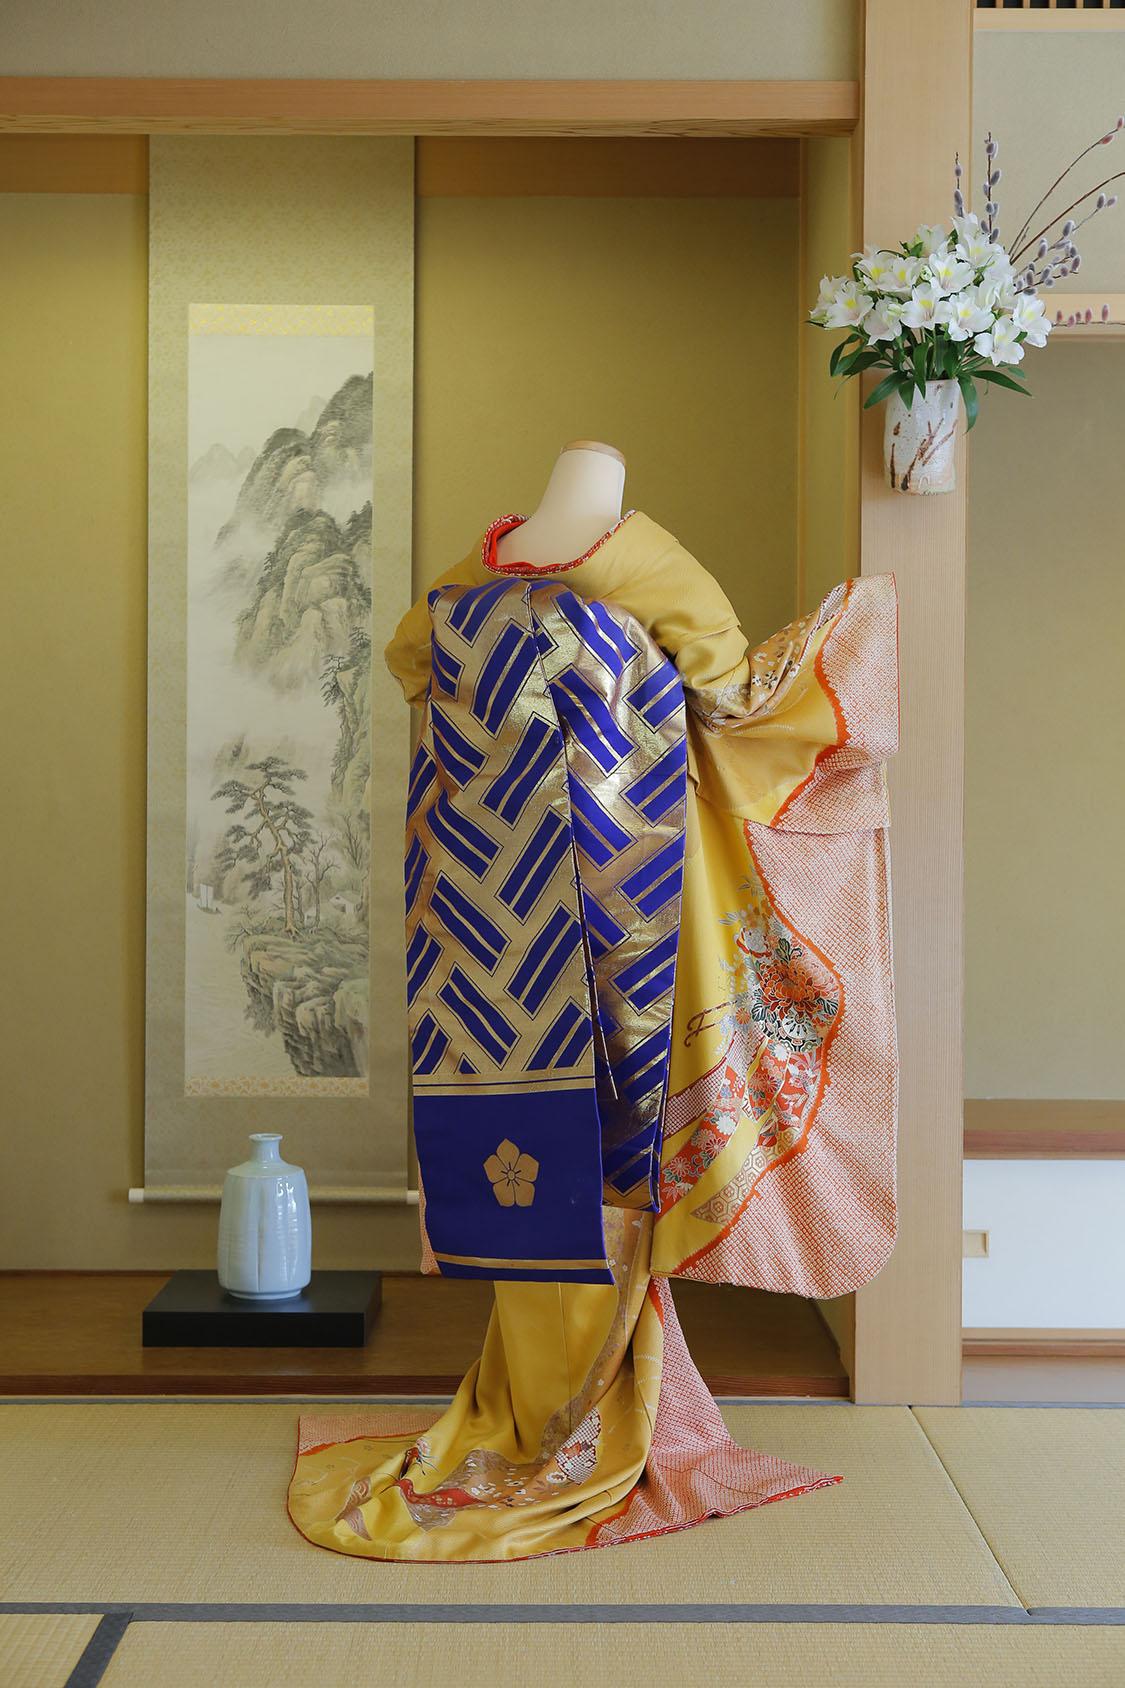 紺地檜垣紋